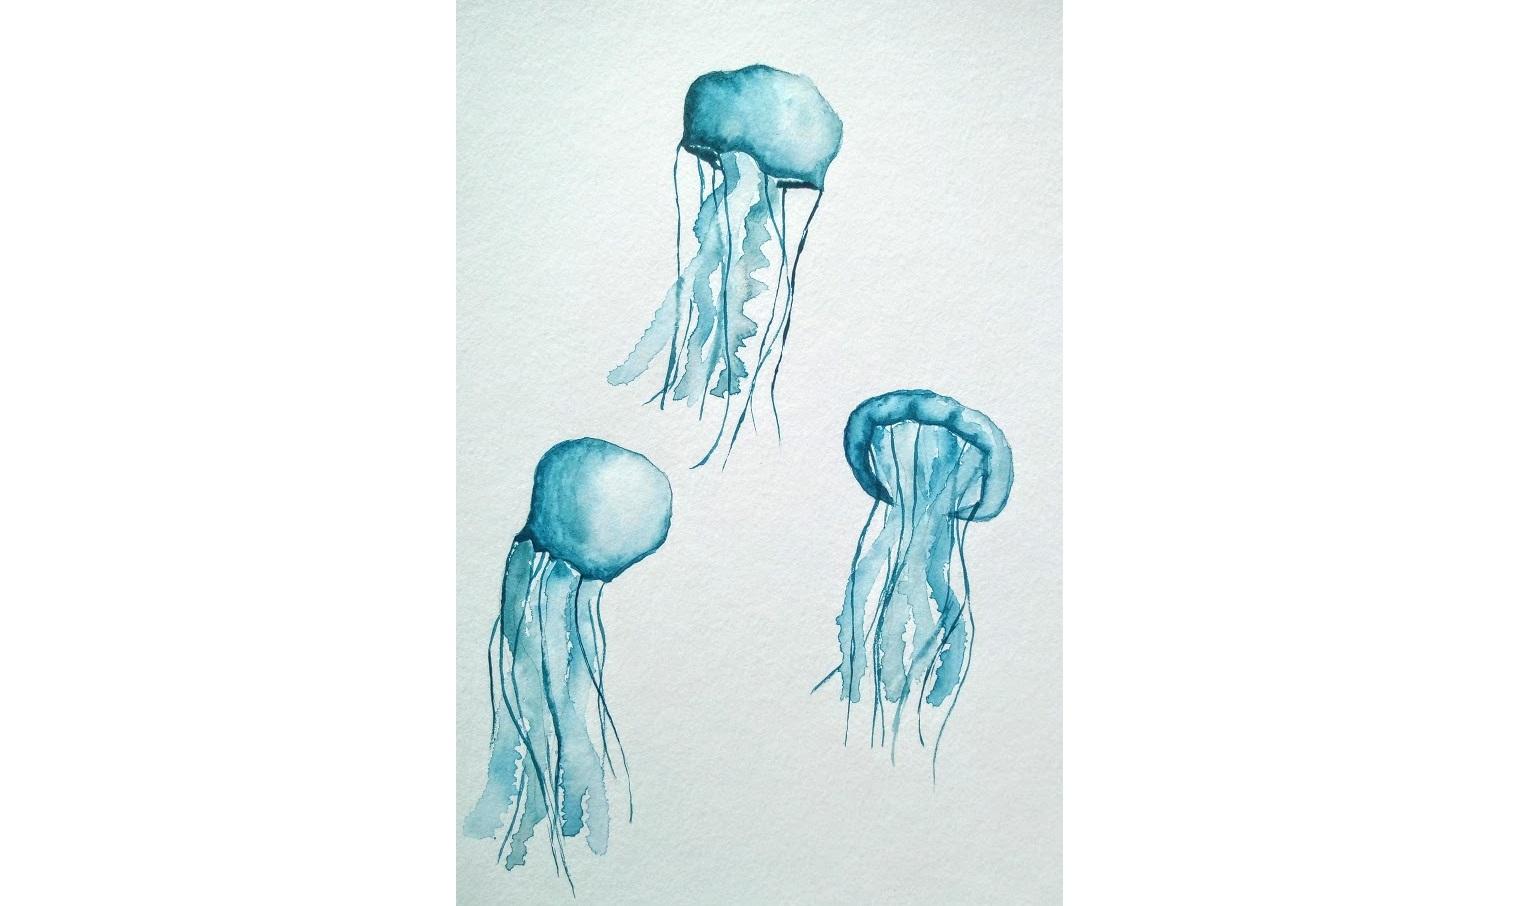 Des méduses à l'aquarelle pour débuter